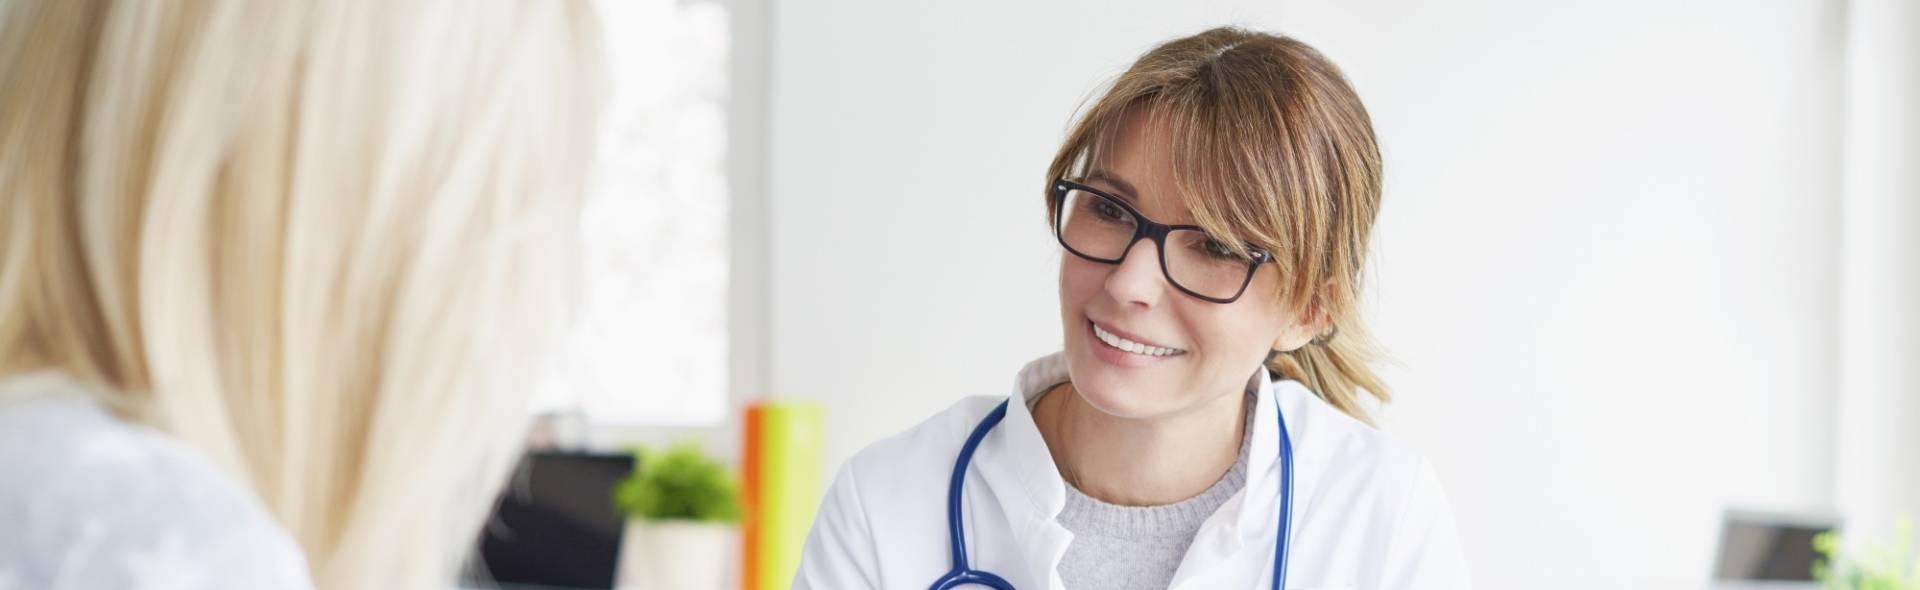 usługi ortopedyczne rehmedicon